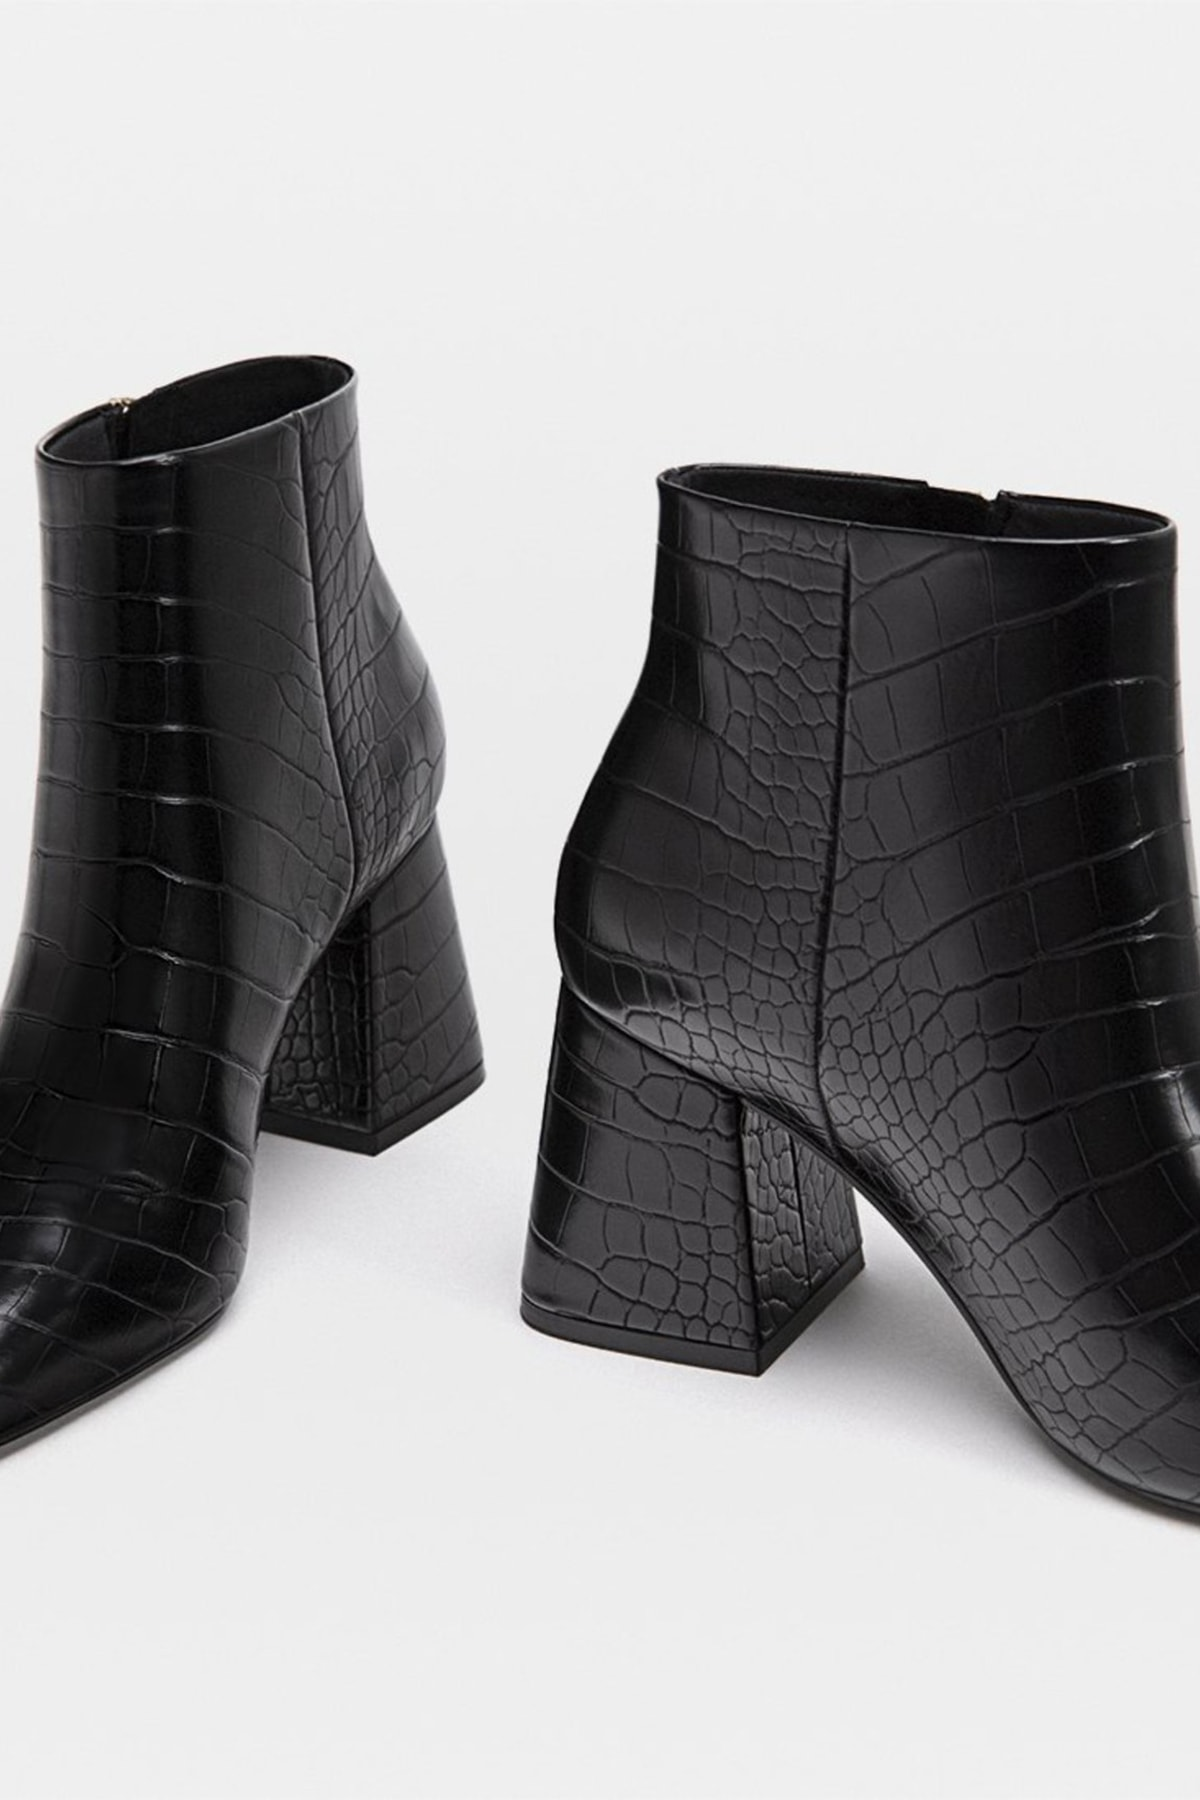 Stradivarius Kadın Siyah Yüksek Topuklu Kabartmalı Bilekte Bot 16880041 2